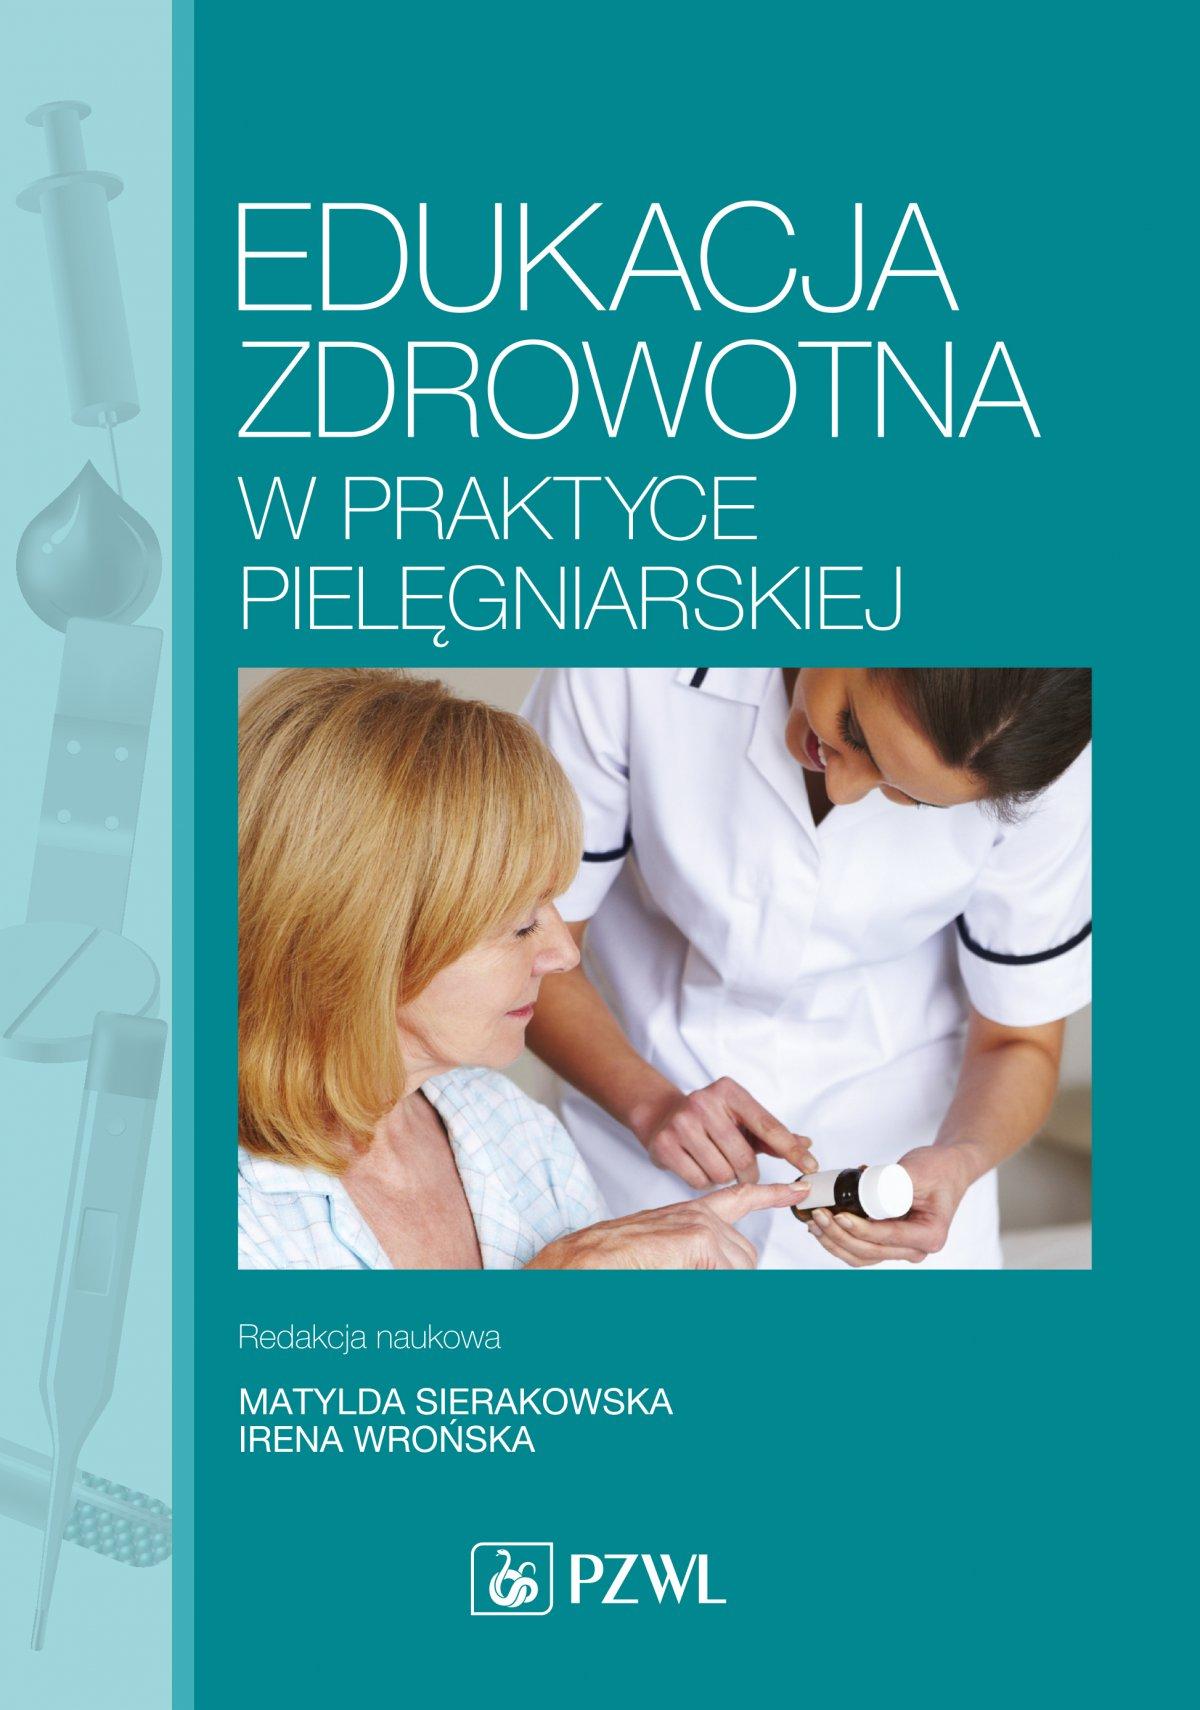 Edukacja zdrowotna w praktyce pielęgniarskiej - Ebook (Książka na Kindle) do pobrania w formacie MOBI